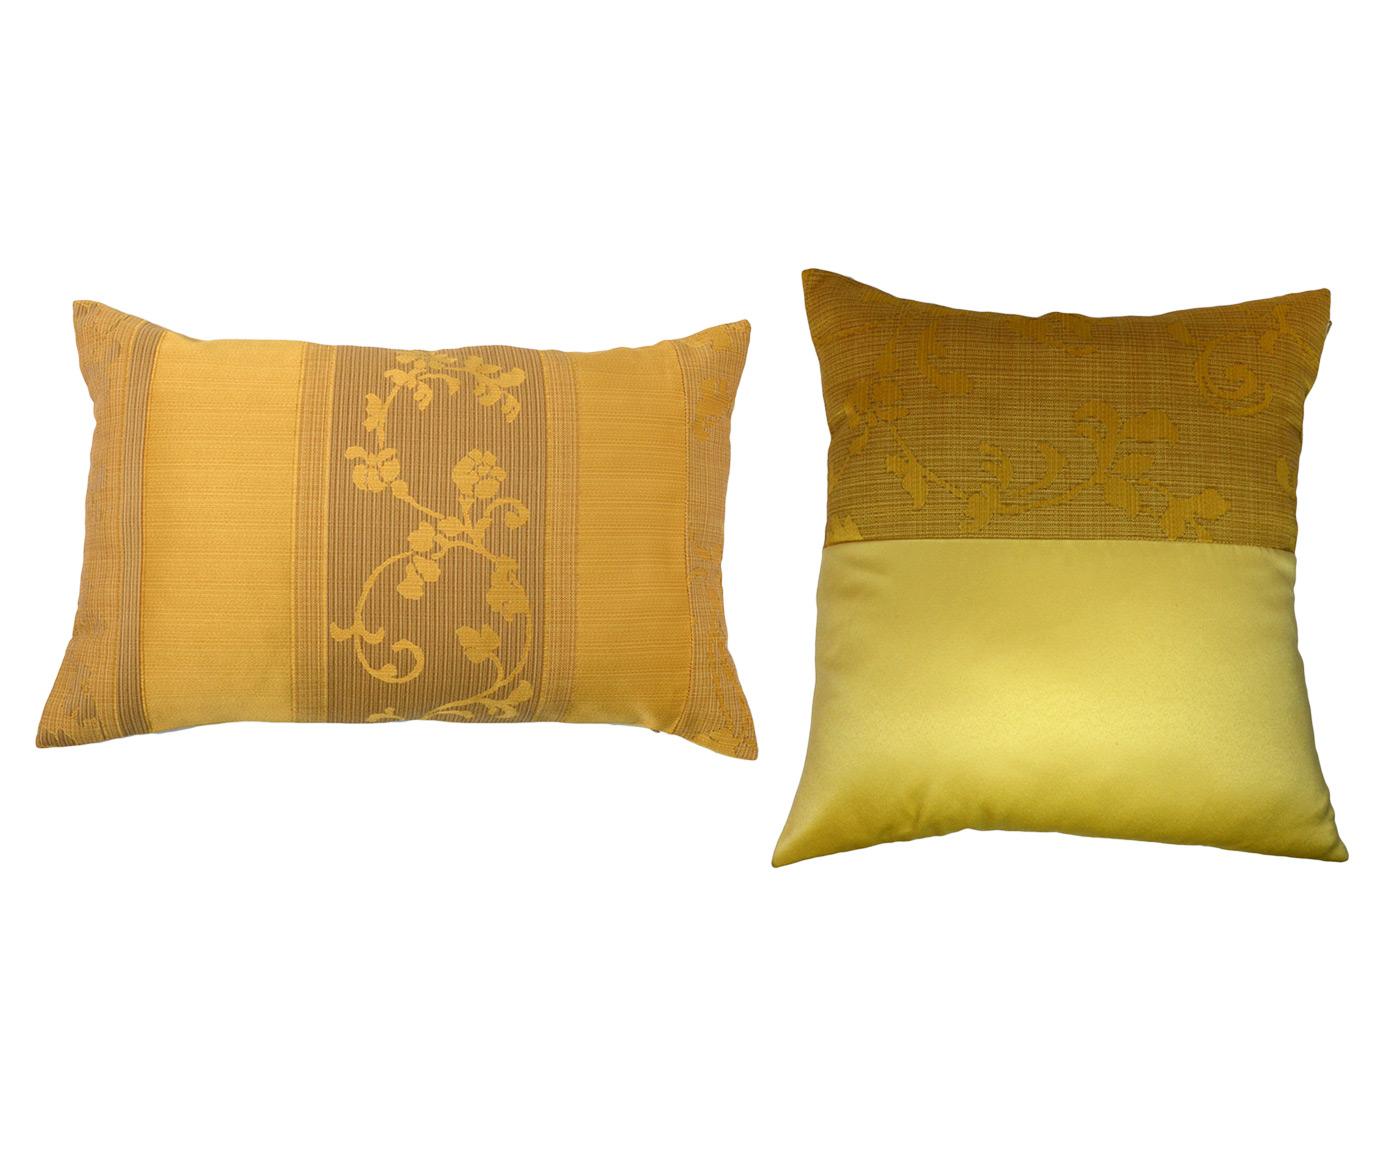 Комплект подушек Tender Sand (2шт)Квадратные подушки и наволочки<br>Комплект декоративных  подушек. Чехол съемный.<br><br>Material: Вискоза<br>Length см: 40<br>Width см: 60.4<br>Depth см: 15